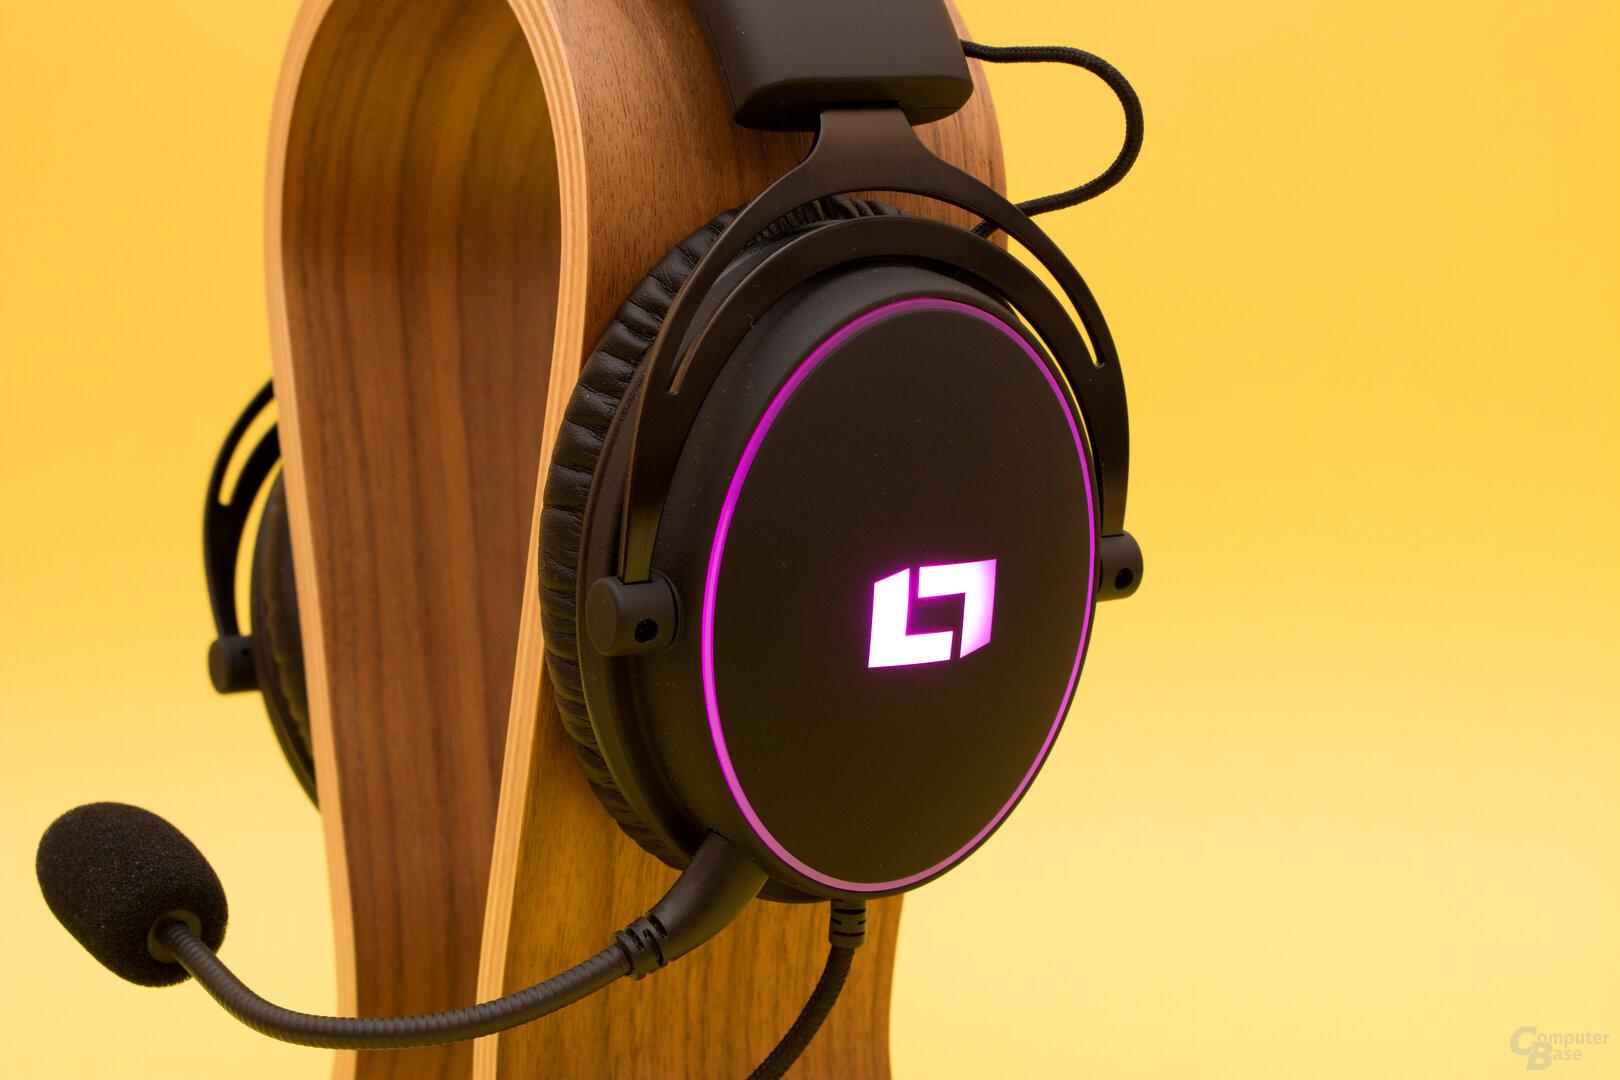 Farbspiele beim Lioncast LX55 USB